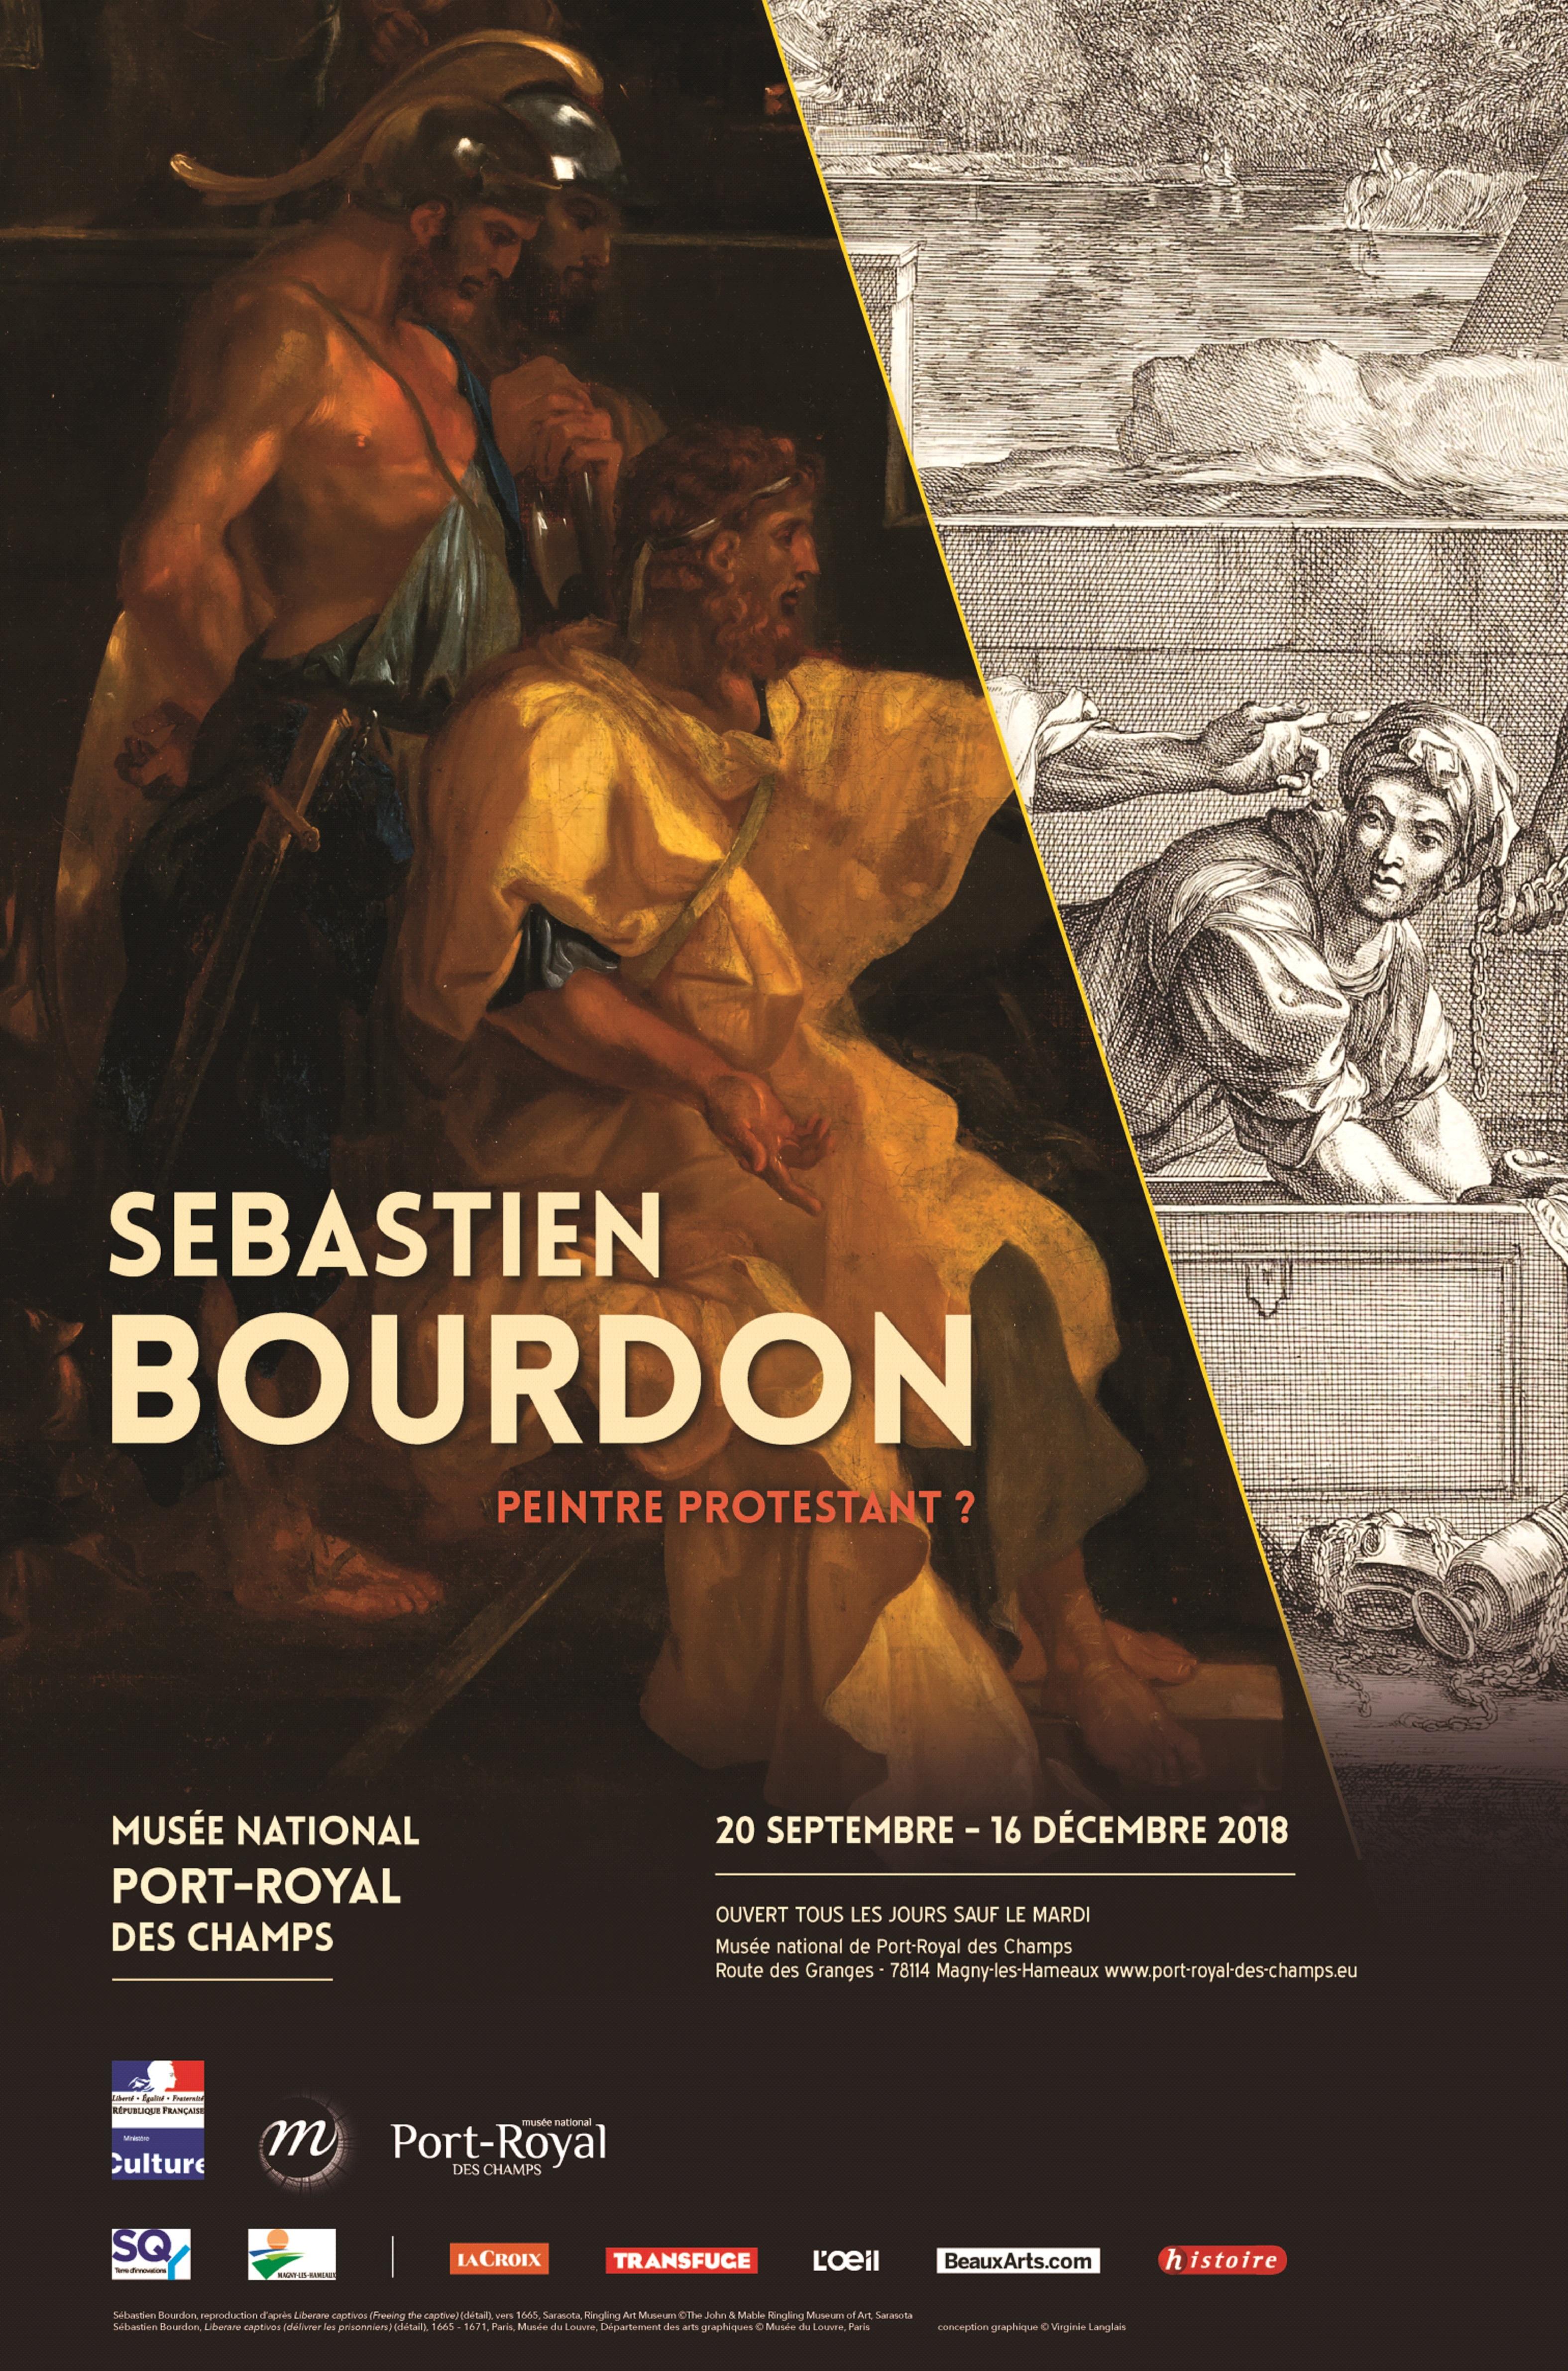 Affiche de l'ex^position Sébastien Bourdon